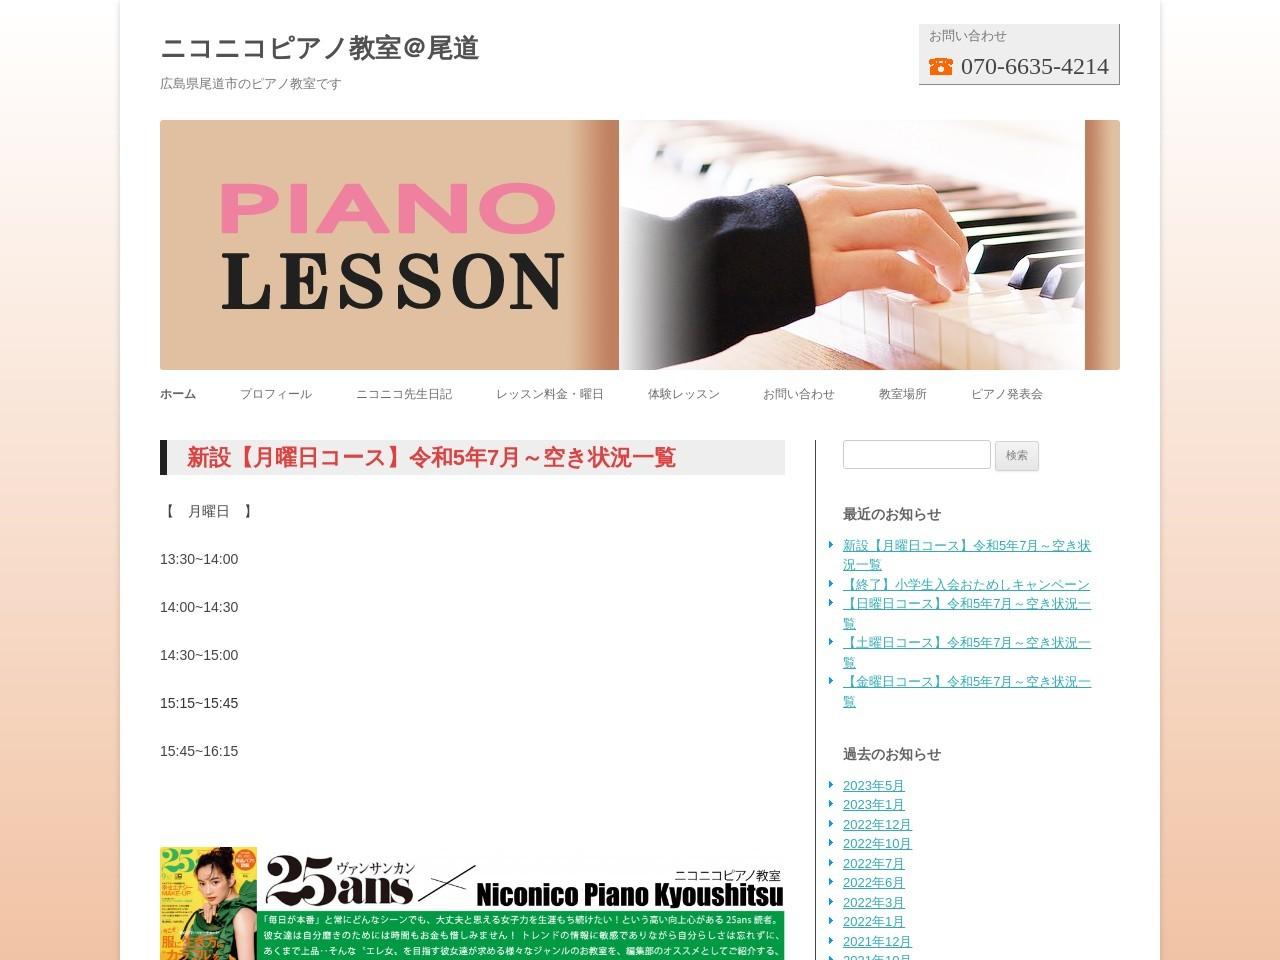 ニコニコピアノ教室のサムネイル